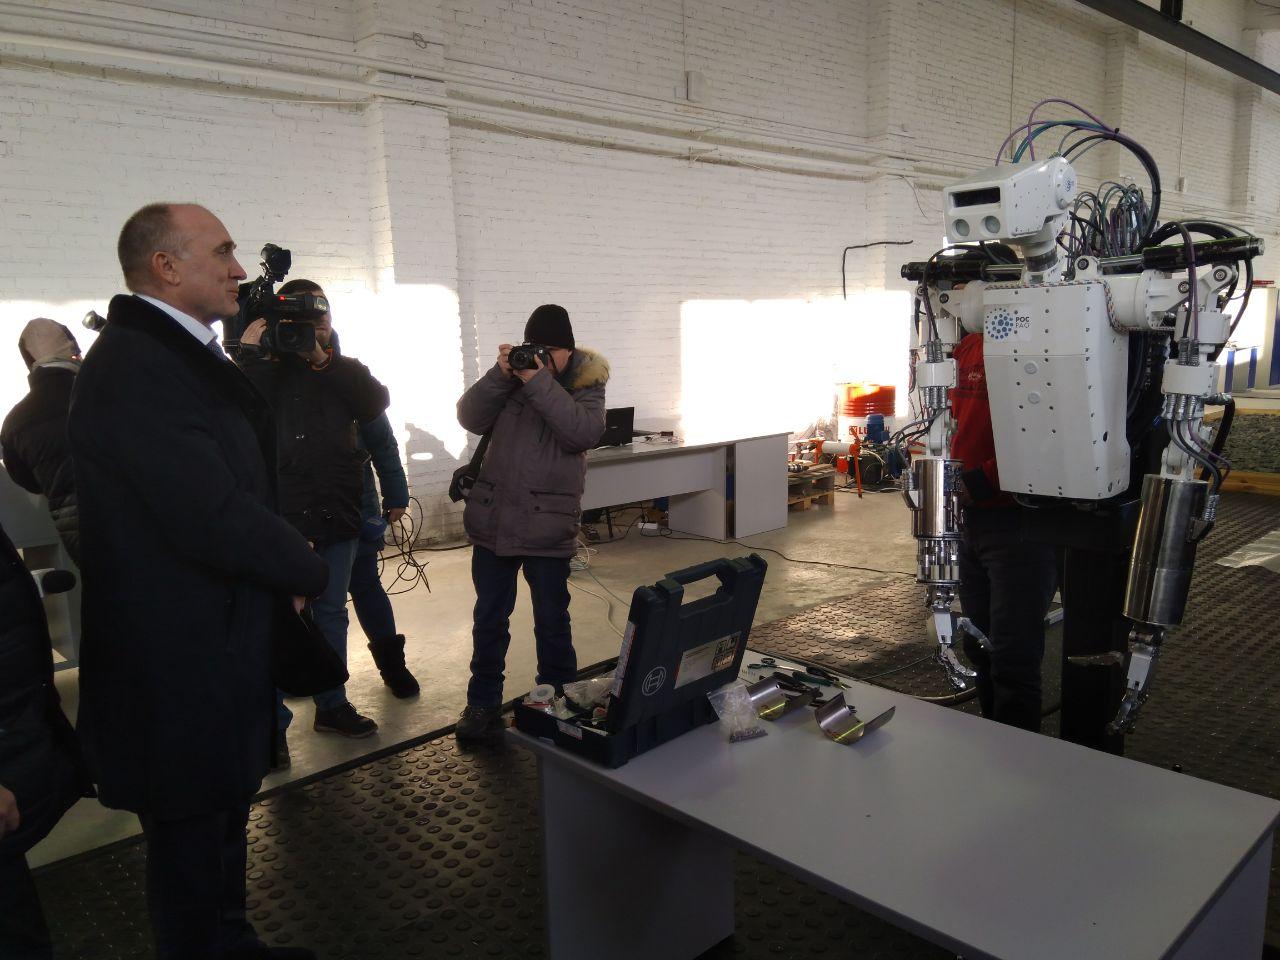 Первый раз Борис Дубровский, будучи губернатором, посетил предприятие в декабре 2015 года, затем